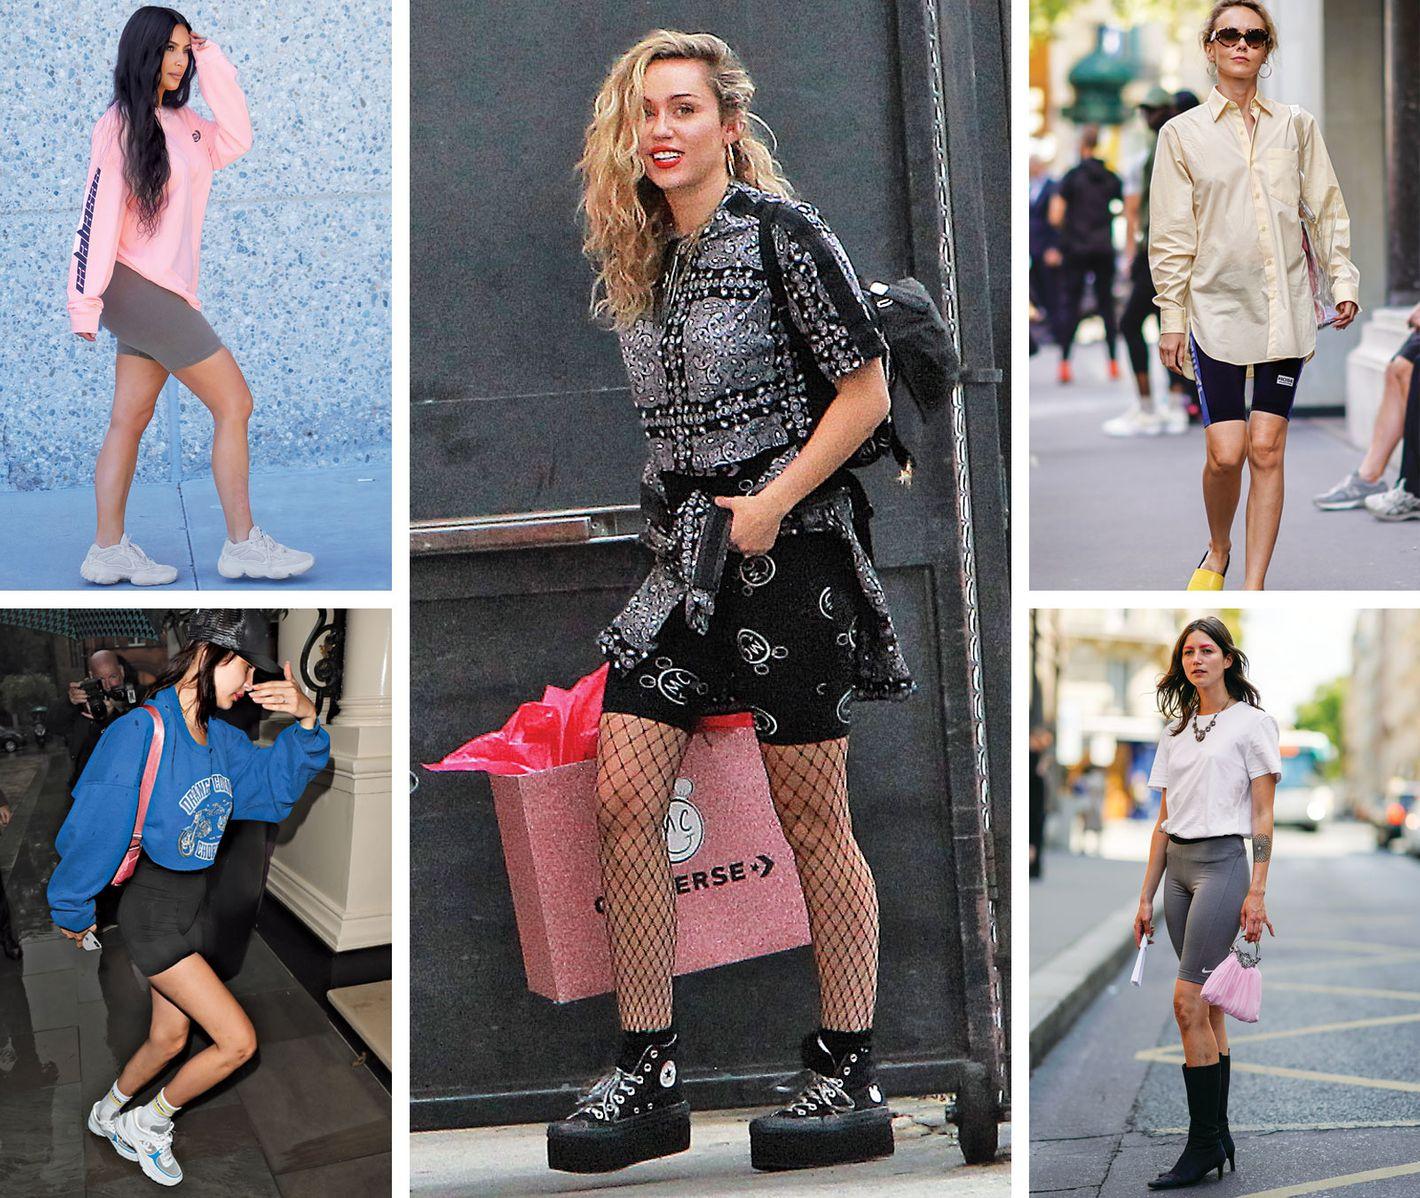 c700aad54c3a Anti-Fashion Fashion Trends: Summer 2018